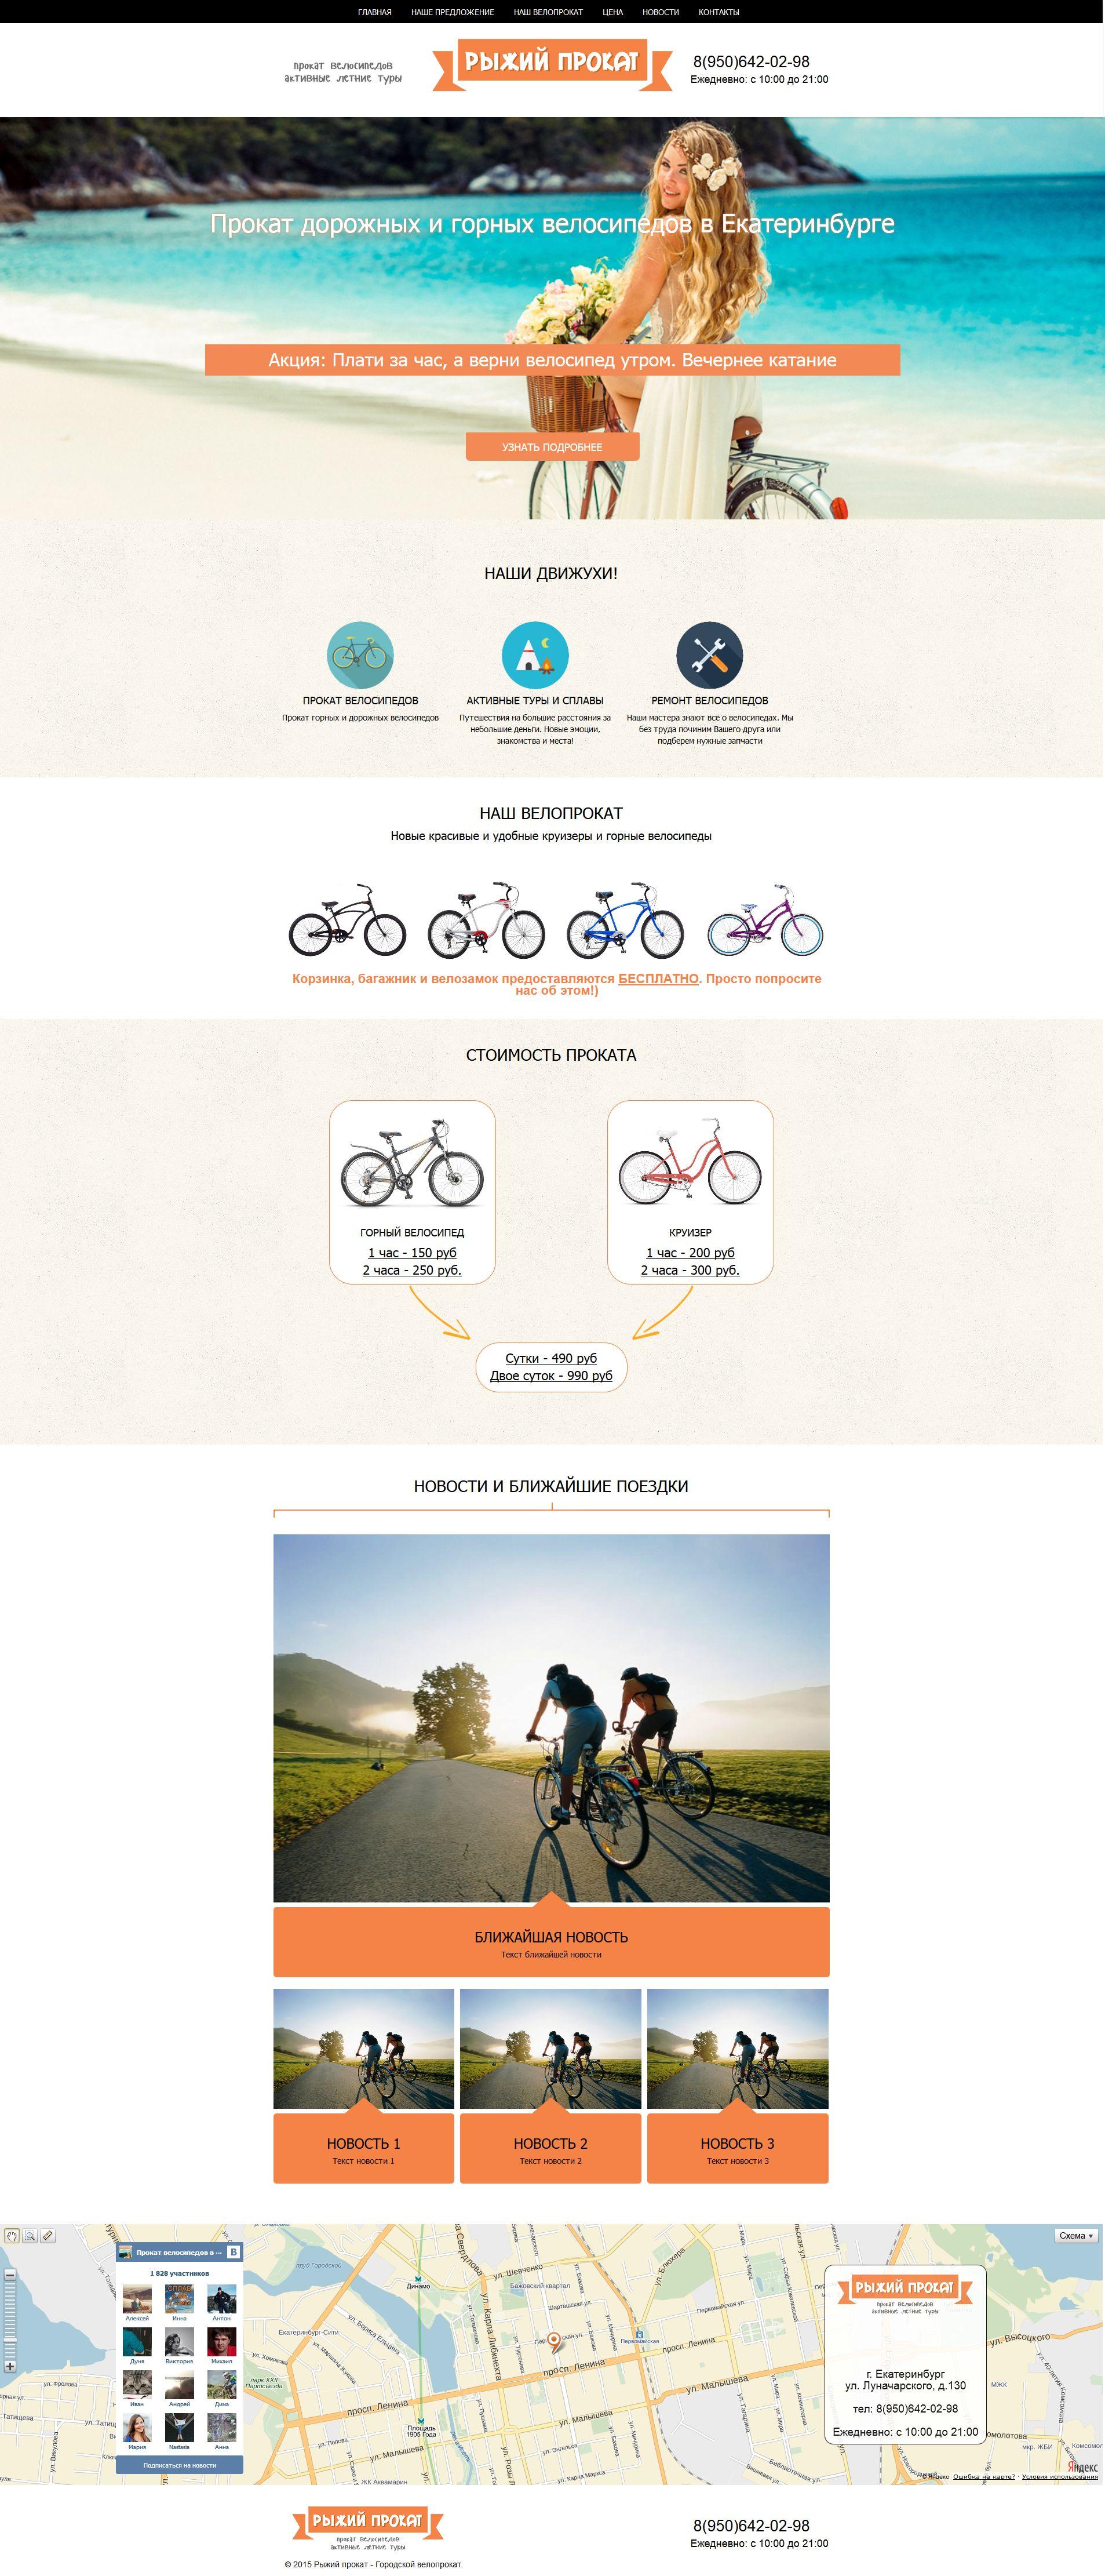 Яркий лендинг пейдж для проката велосипедов!